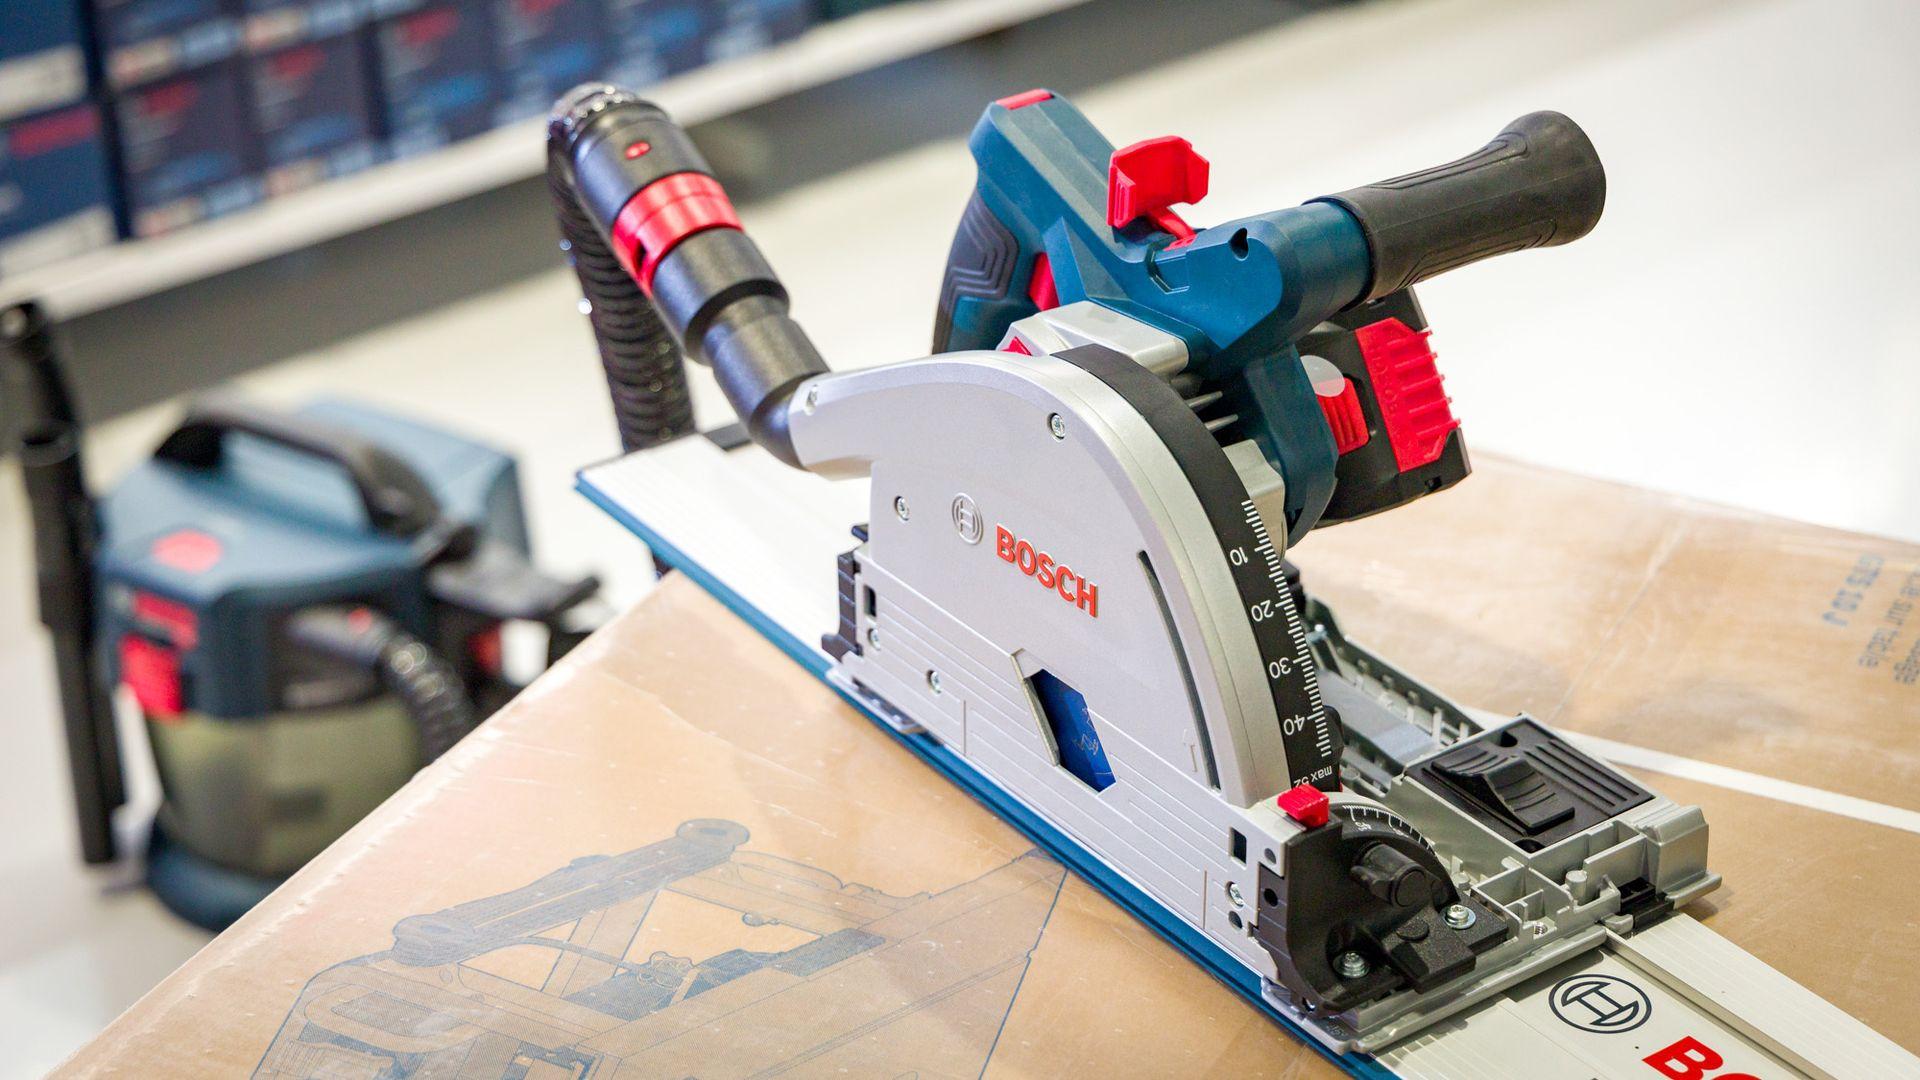 Den nye batteridrevne dykksaga fra Bosch kan brukes med støvsuger, som her, for å minimalt med sagstøv, men den kommer også med en støvpose som tar unna det verste støvet.